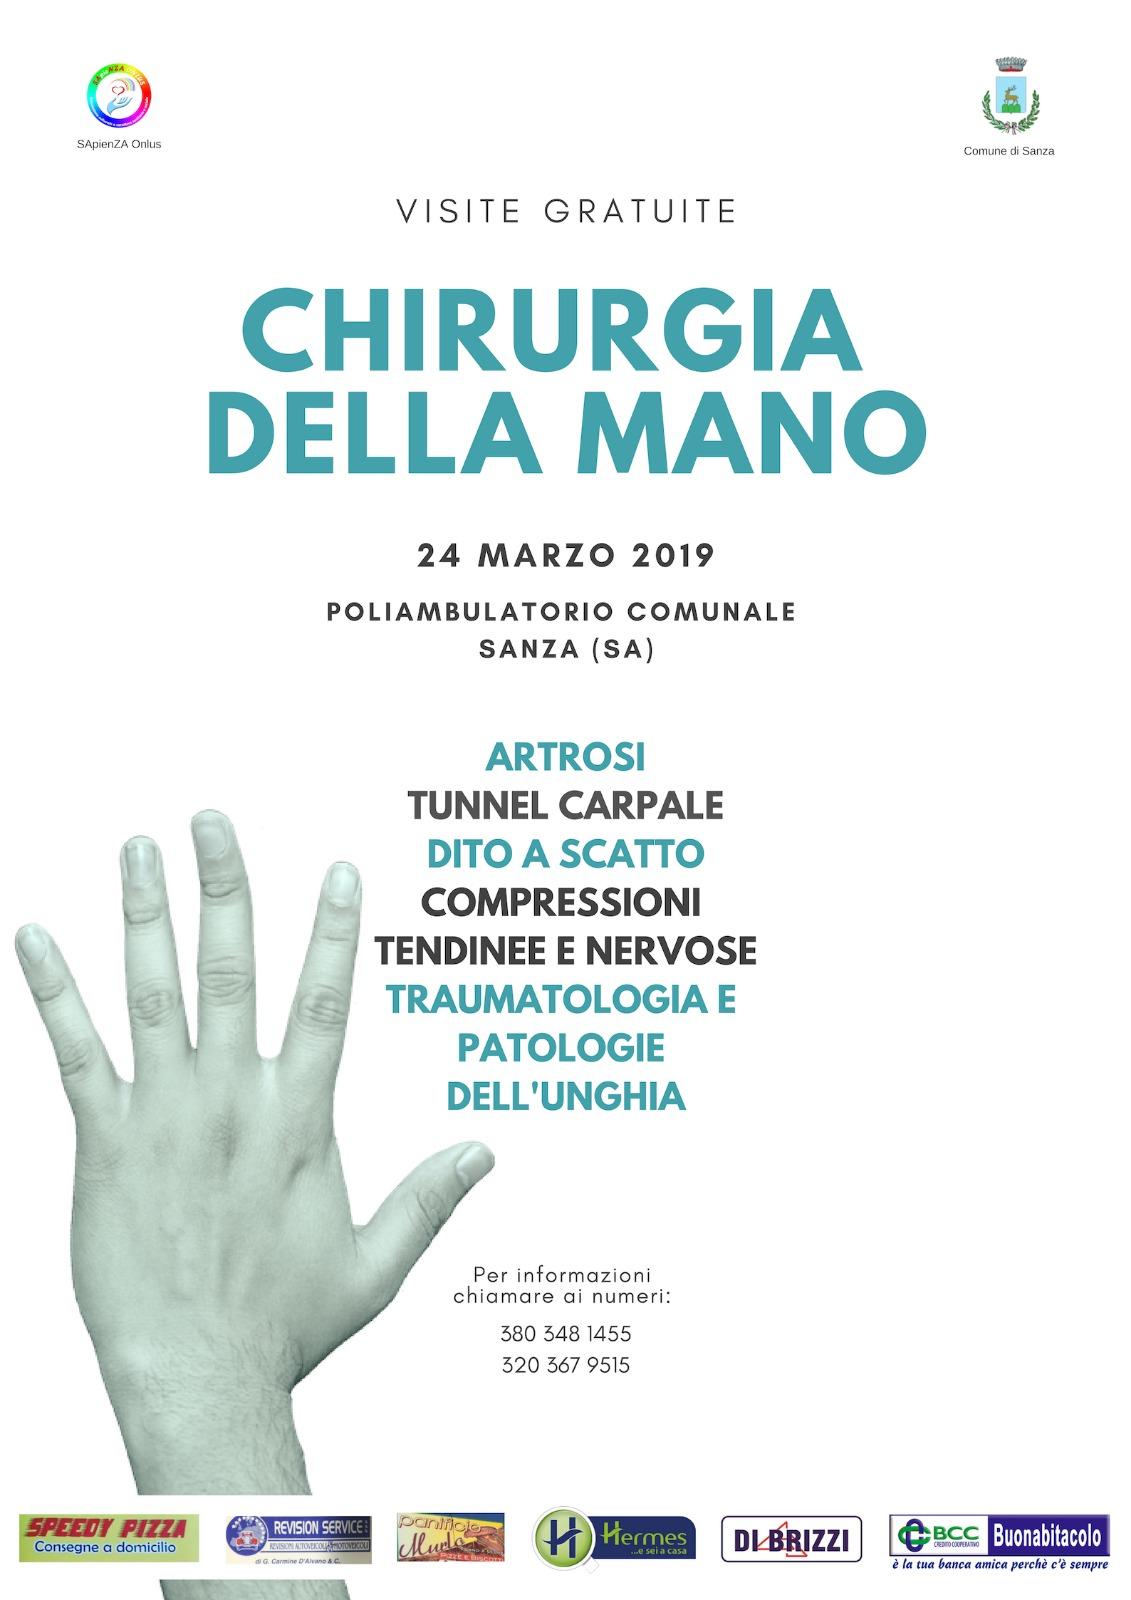 Visite Gratuite - CHIRURGIA DELLA MANO